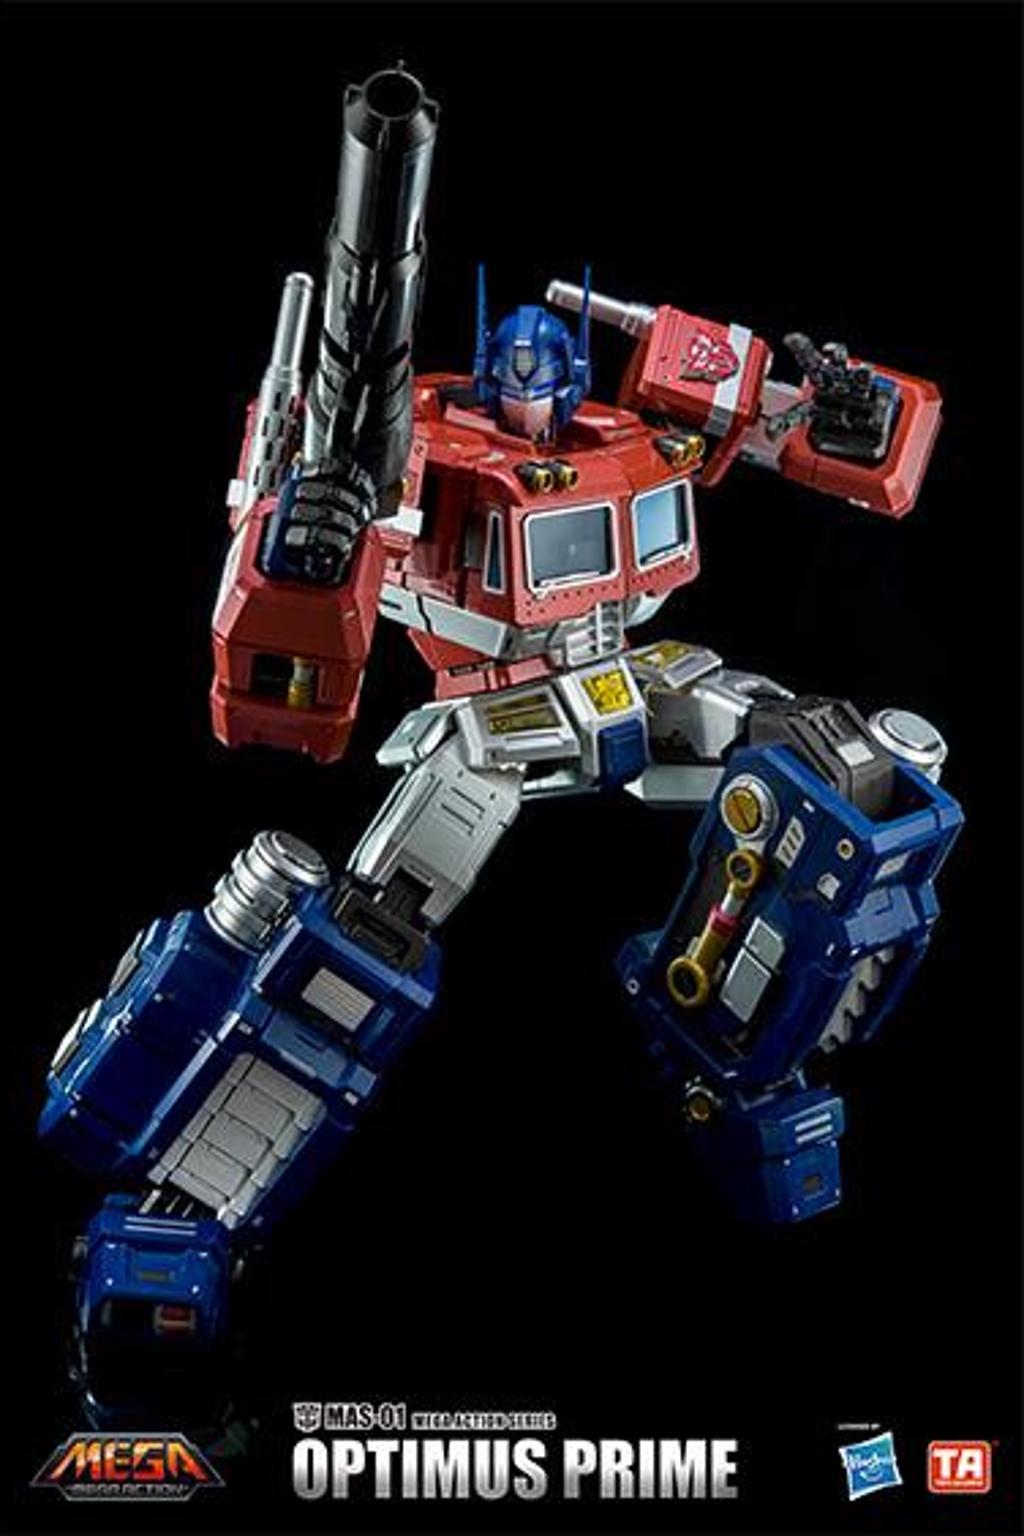 Toys Alliance Mega Action Series Mas 01 Optimus Prime